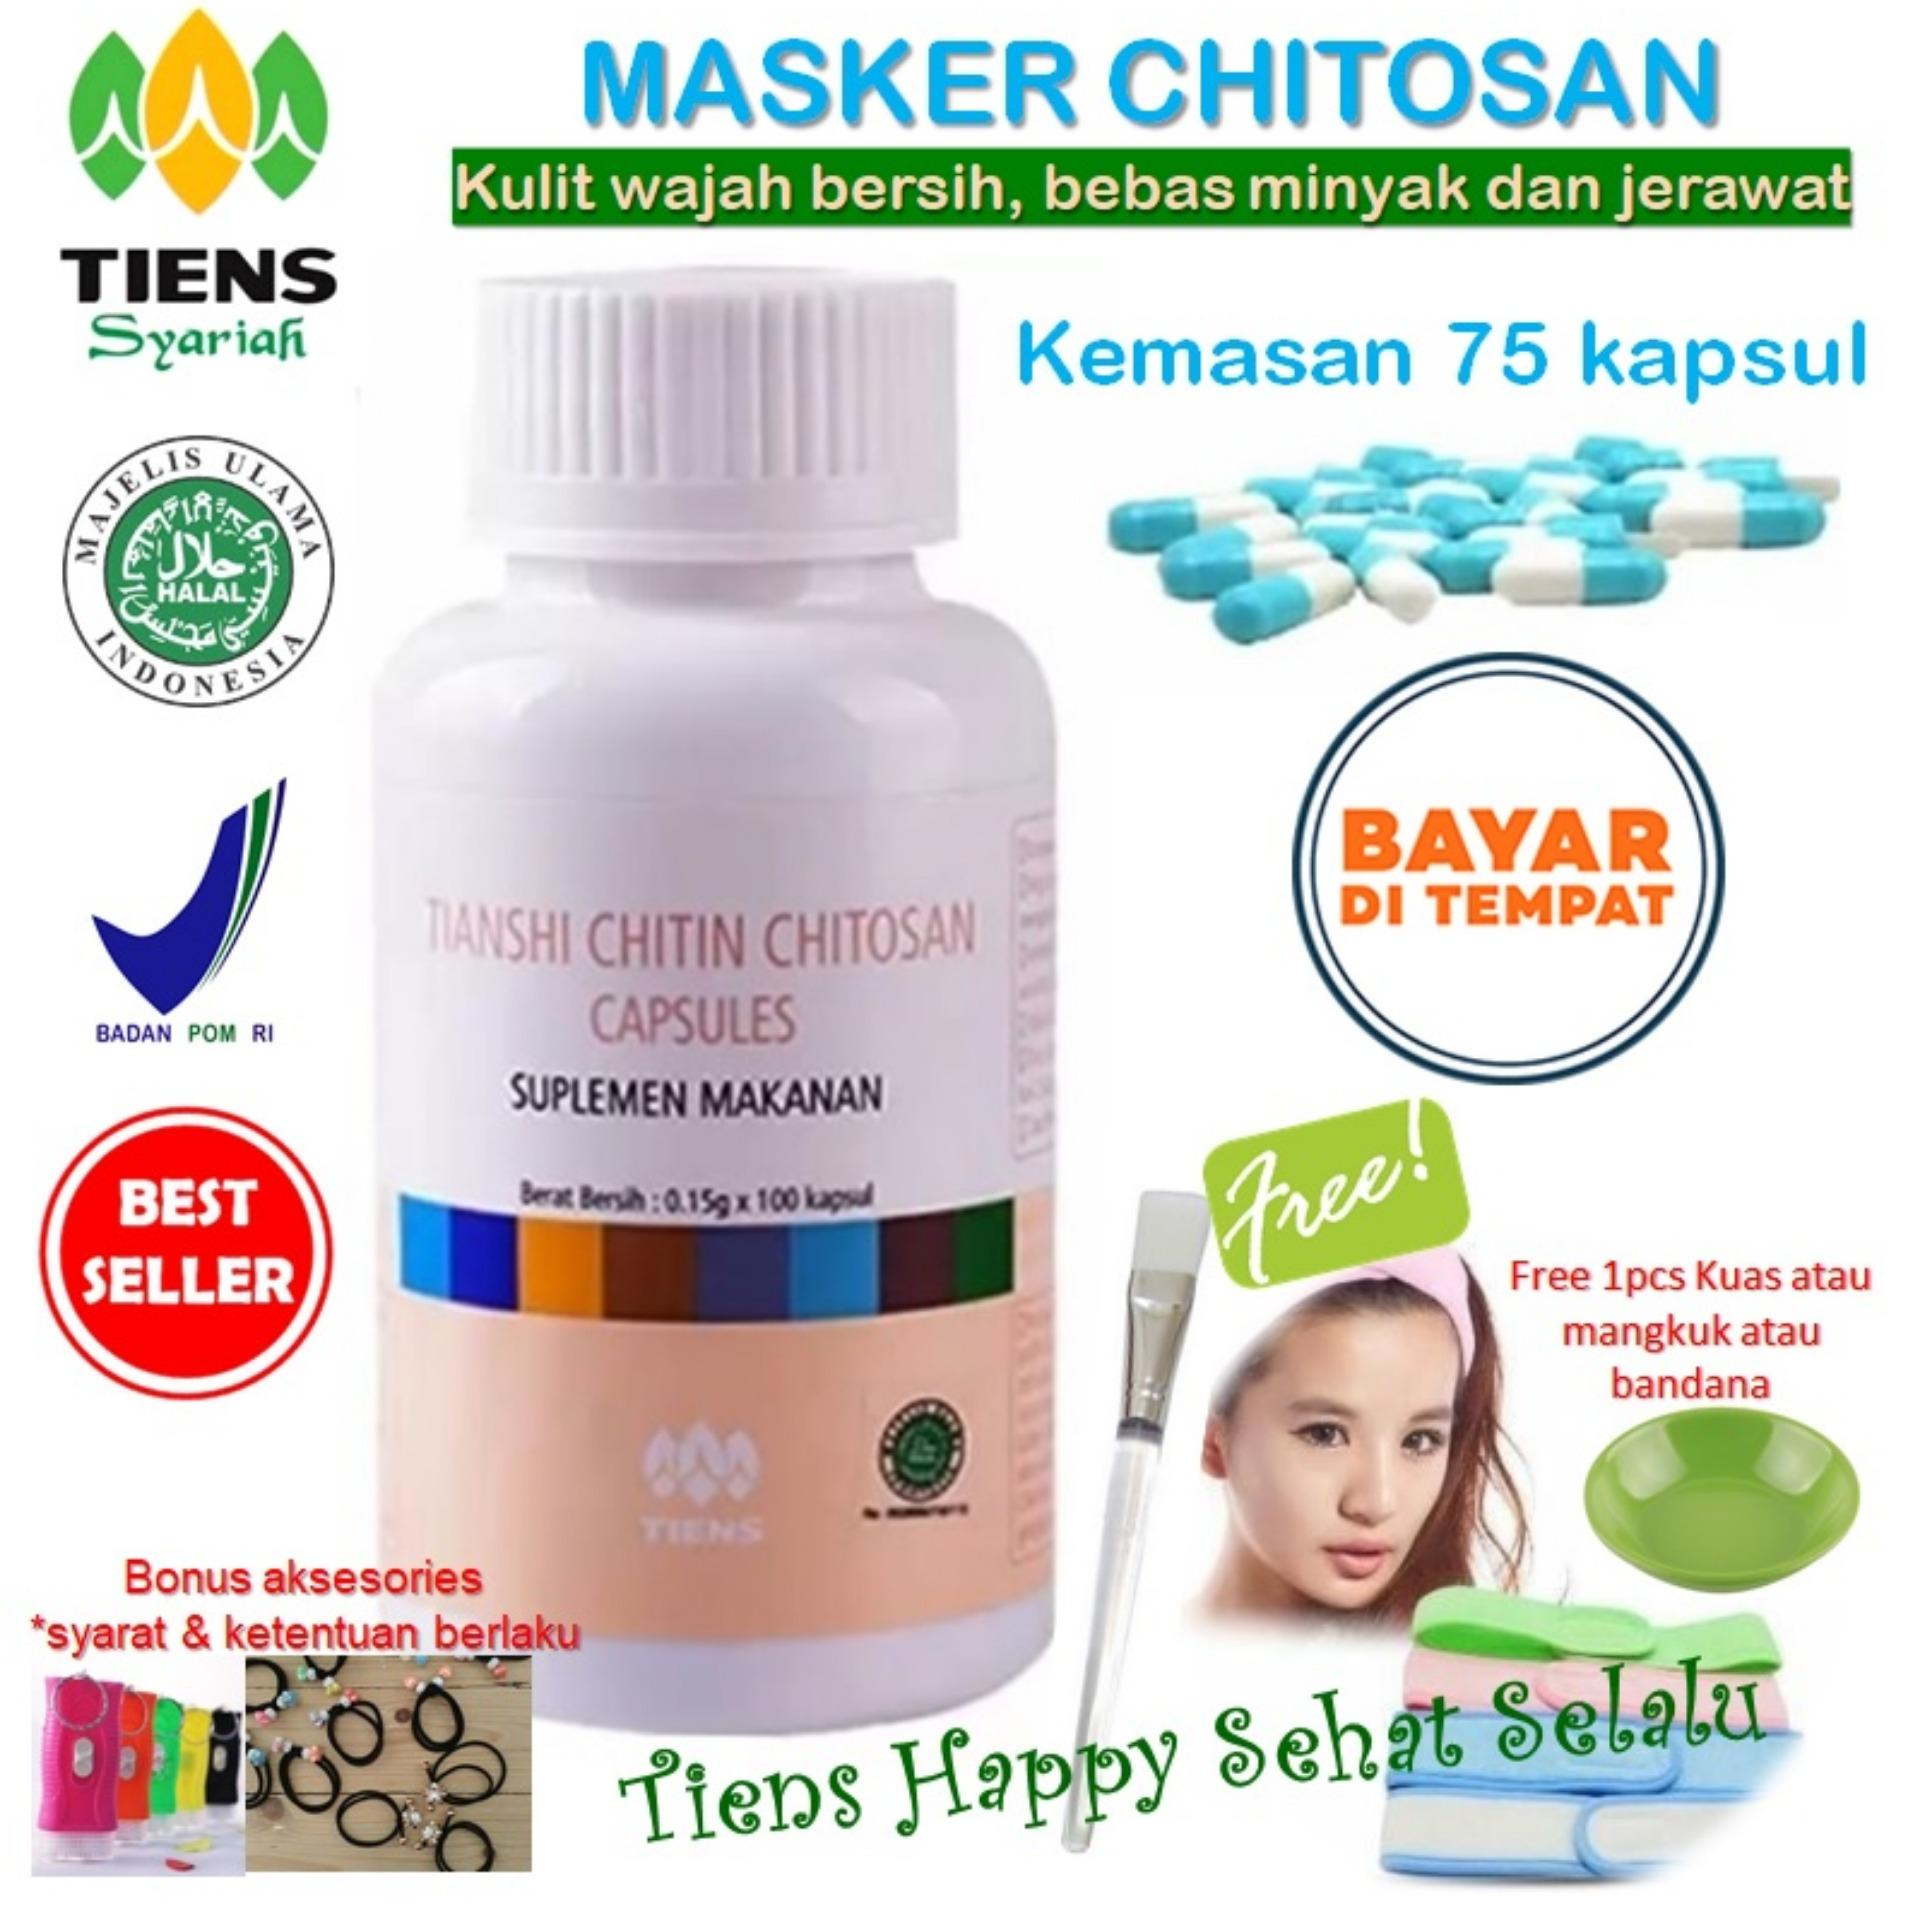 Toko Masker Tiens Chitosan Herbal Anti Jerawat Isi 75 Kapsul Promo Termurah